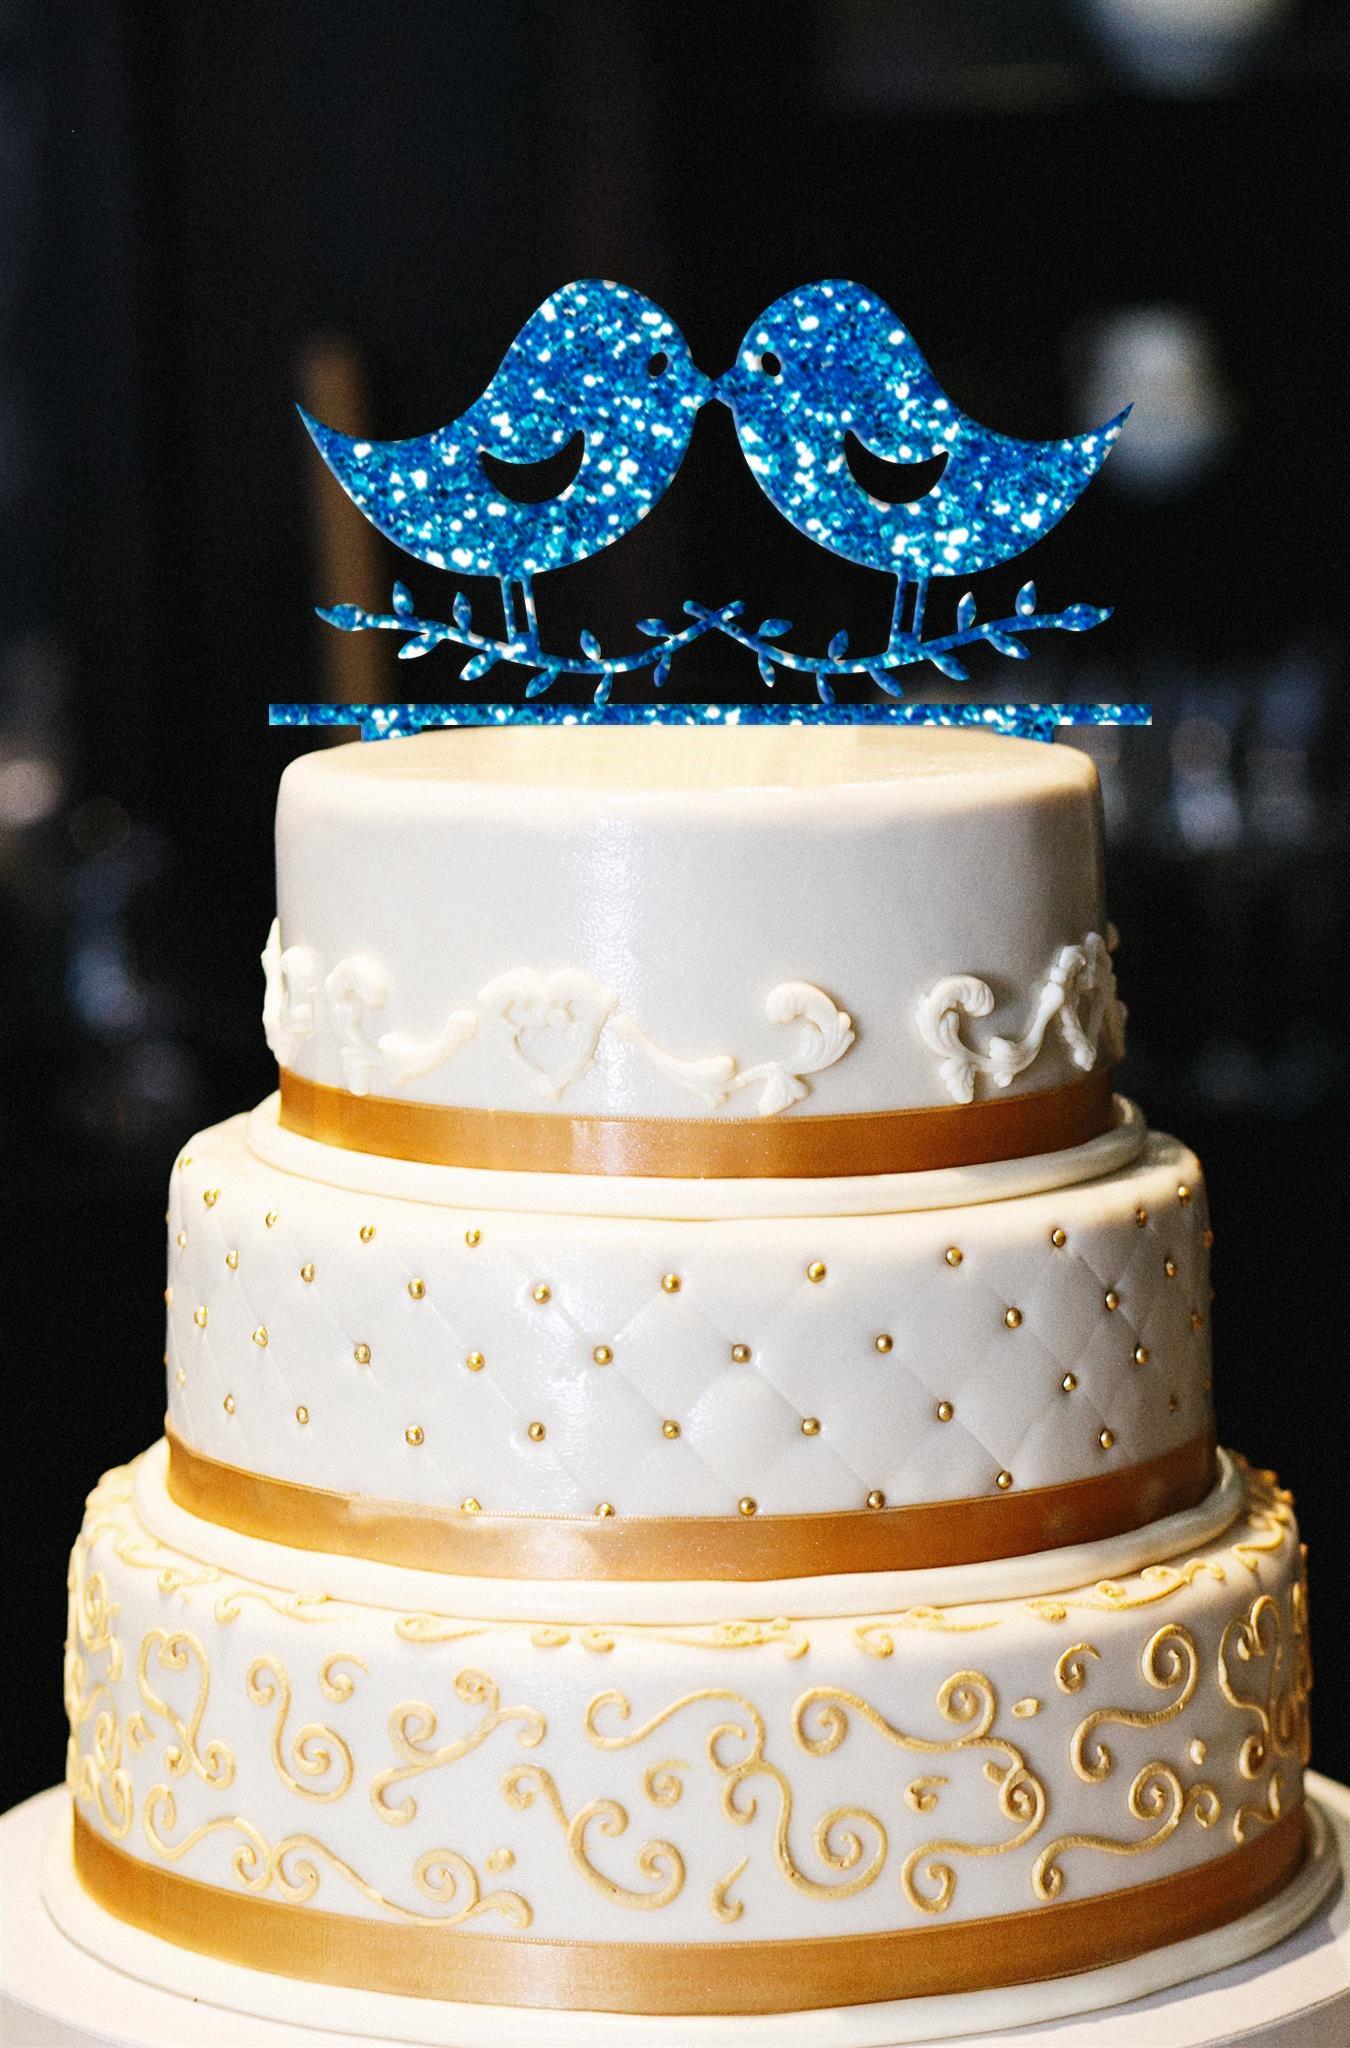 Love Birds Cake Topper, Wedding Cake Topper, Engagement Cake Topper, Anniversary Cake Topper, Gold Cake Topper, Gold Glitter Cake Topper (15'', Glitter Royal Blue)